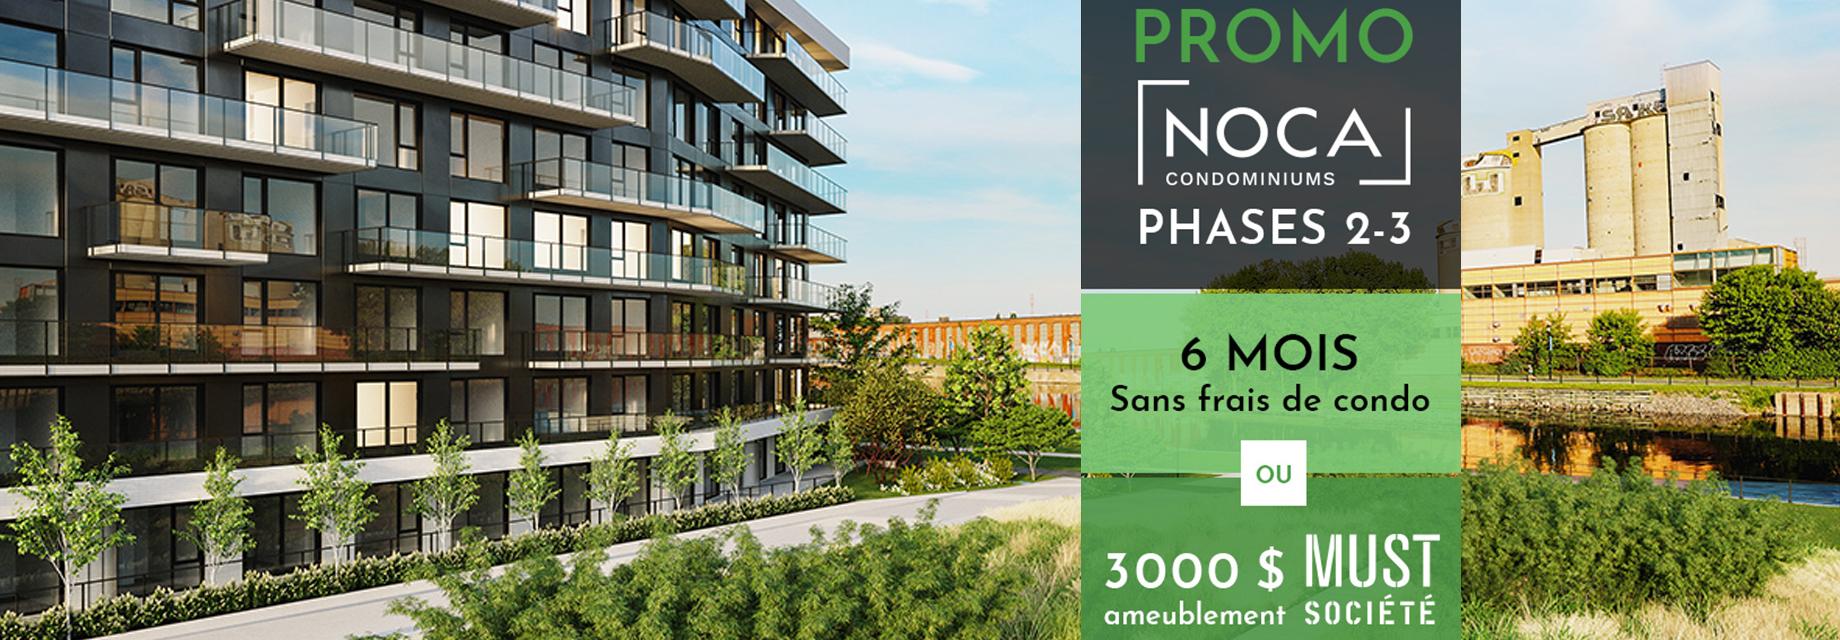 Noca condos promo 6 mois sans frais de condo ou 3000$ chez MUST société